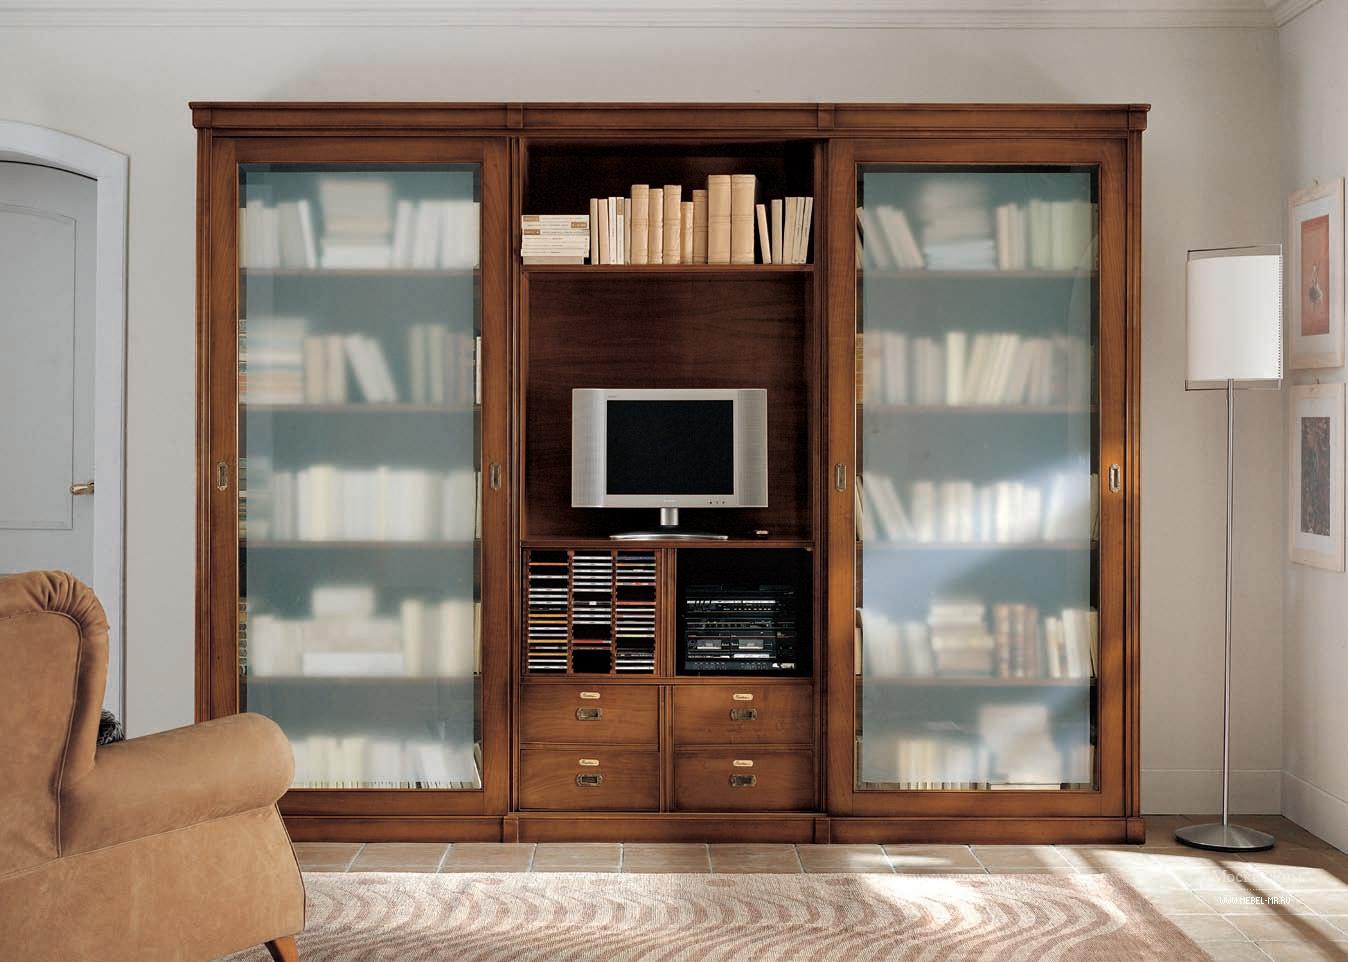 Стенка для хранения книг и тв taormina, bizzotto - мебель мр.